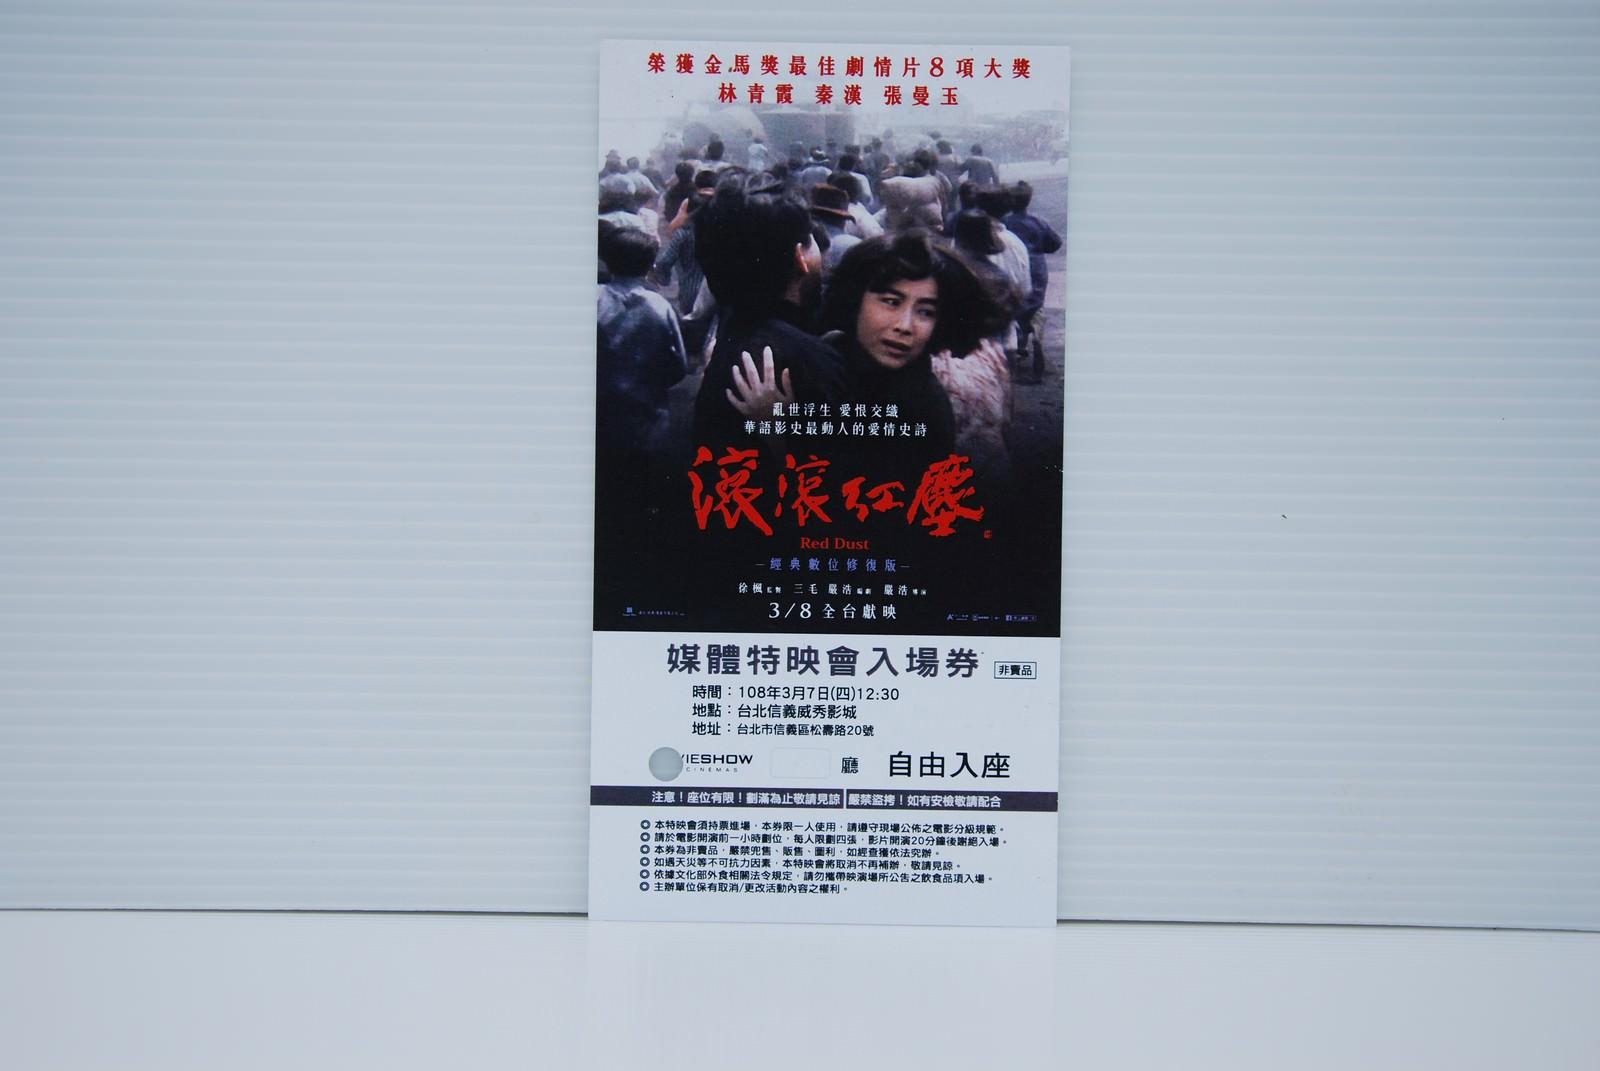 Movie, 滾滾紅塵(香港, 1990年) / Red Dust(英文), 特映會電影票